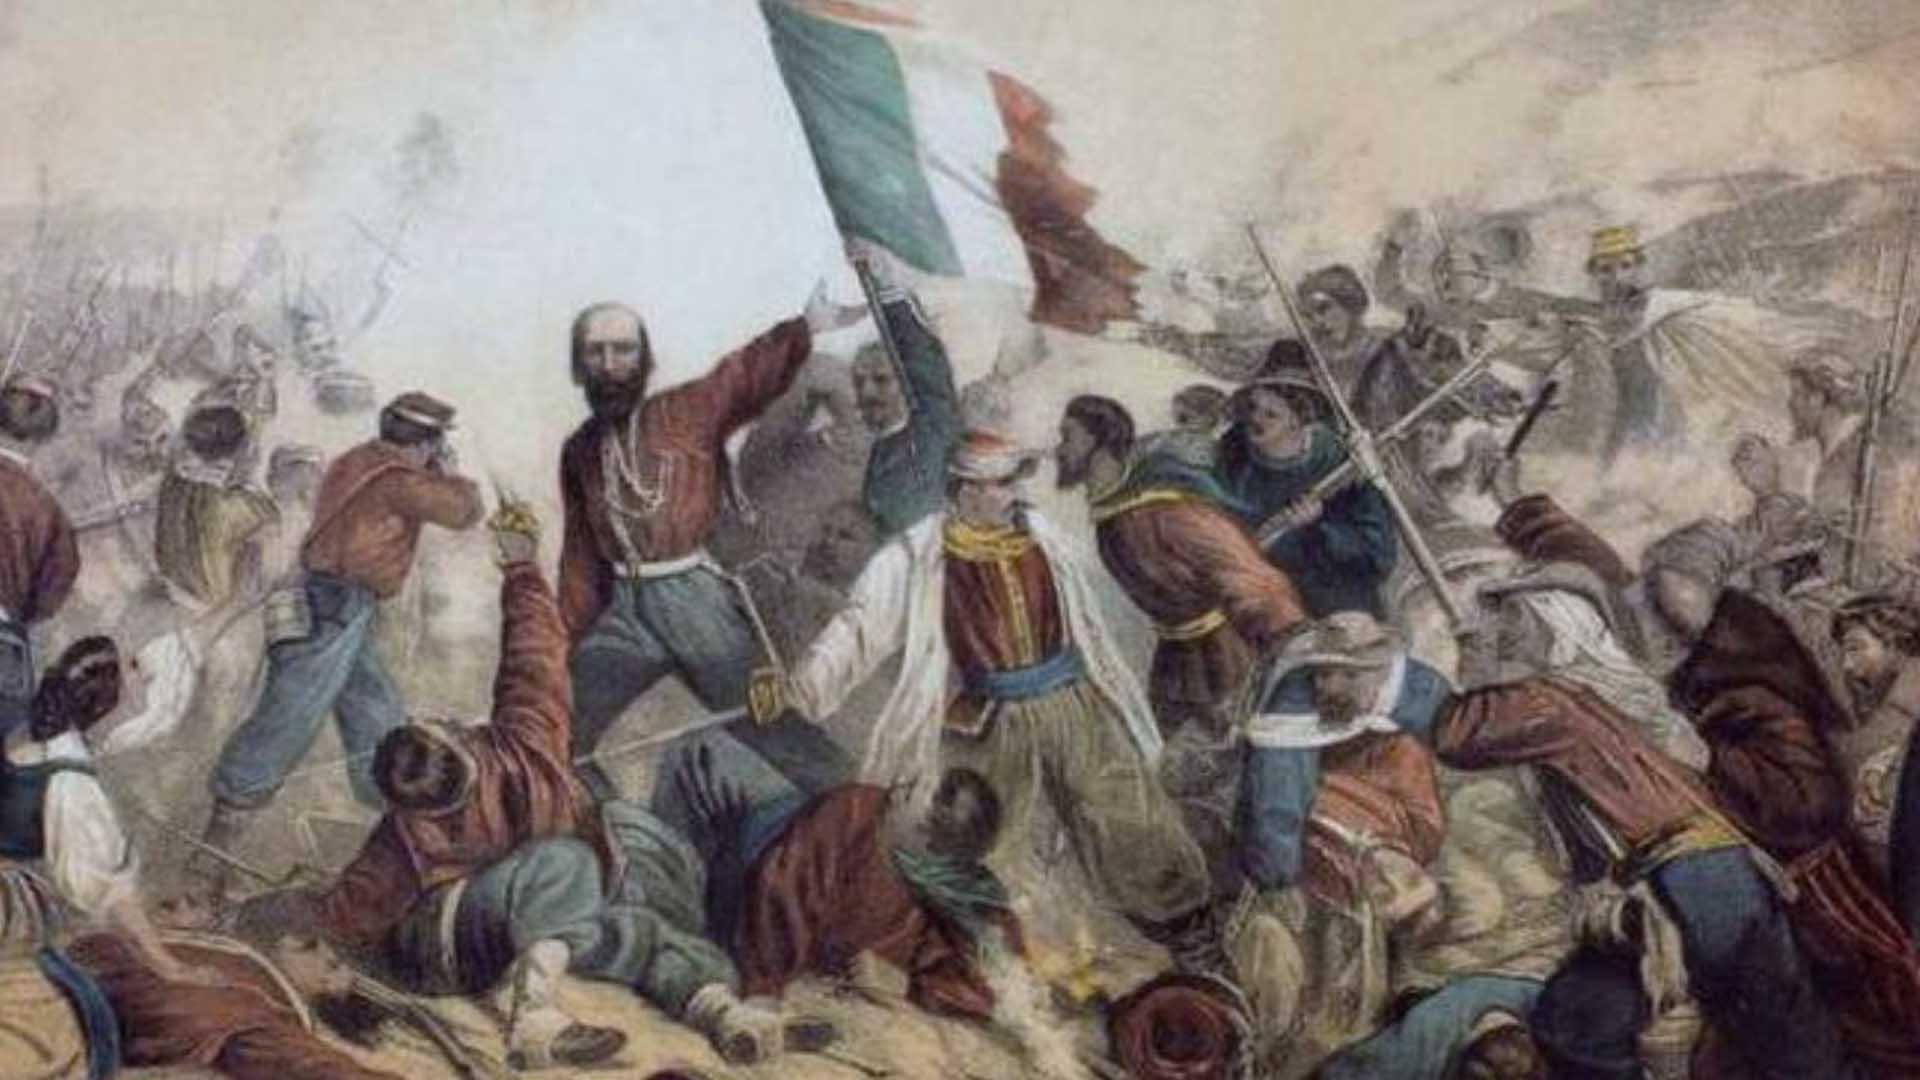 La bandiera italiana risale al Risorgimento